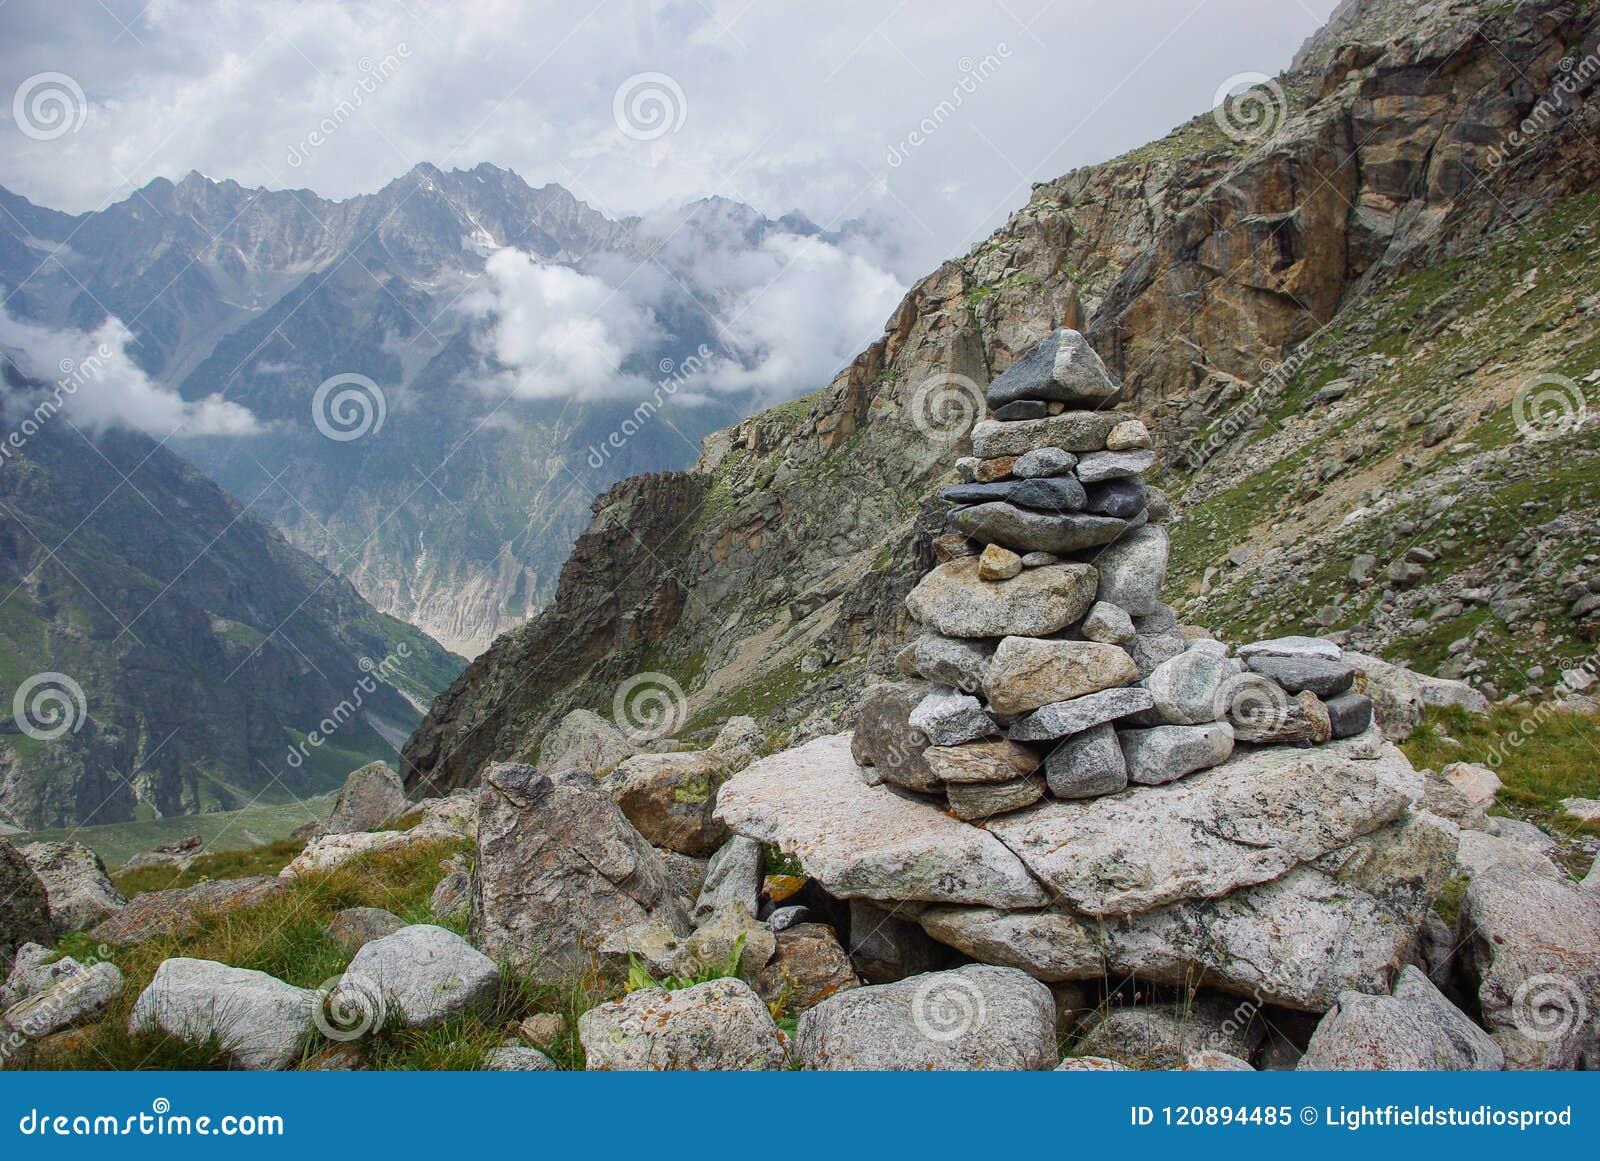 Lapide l architecture dans la Fédération de Russie de montagnes, Caucase,